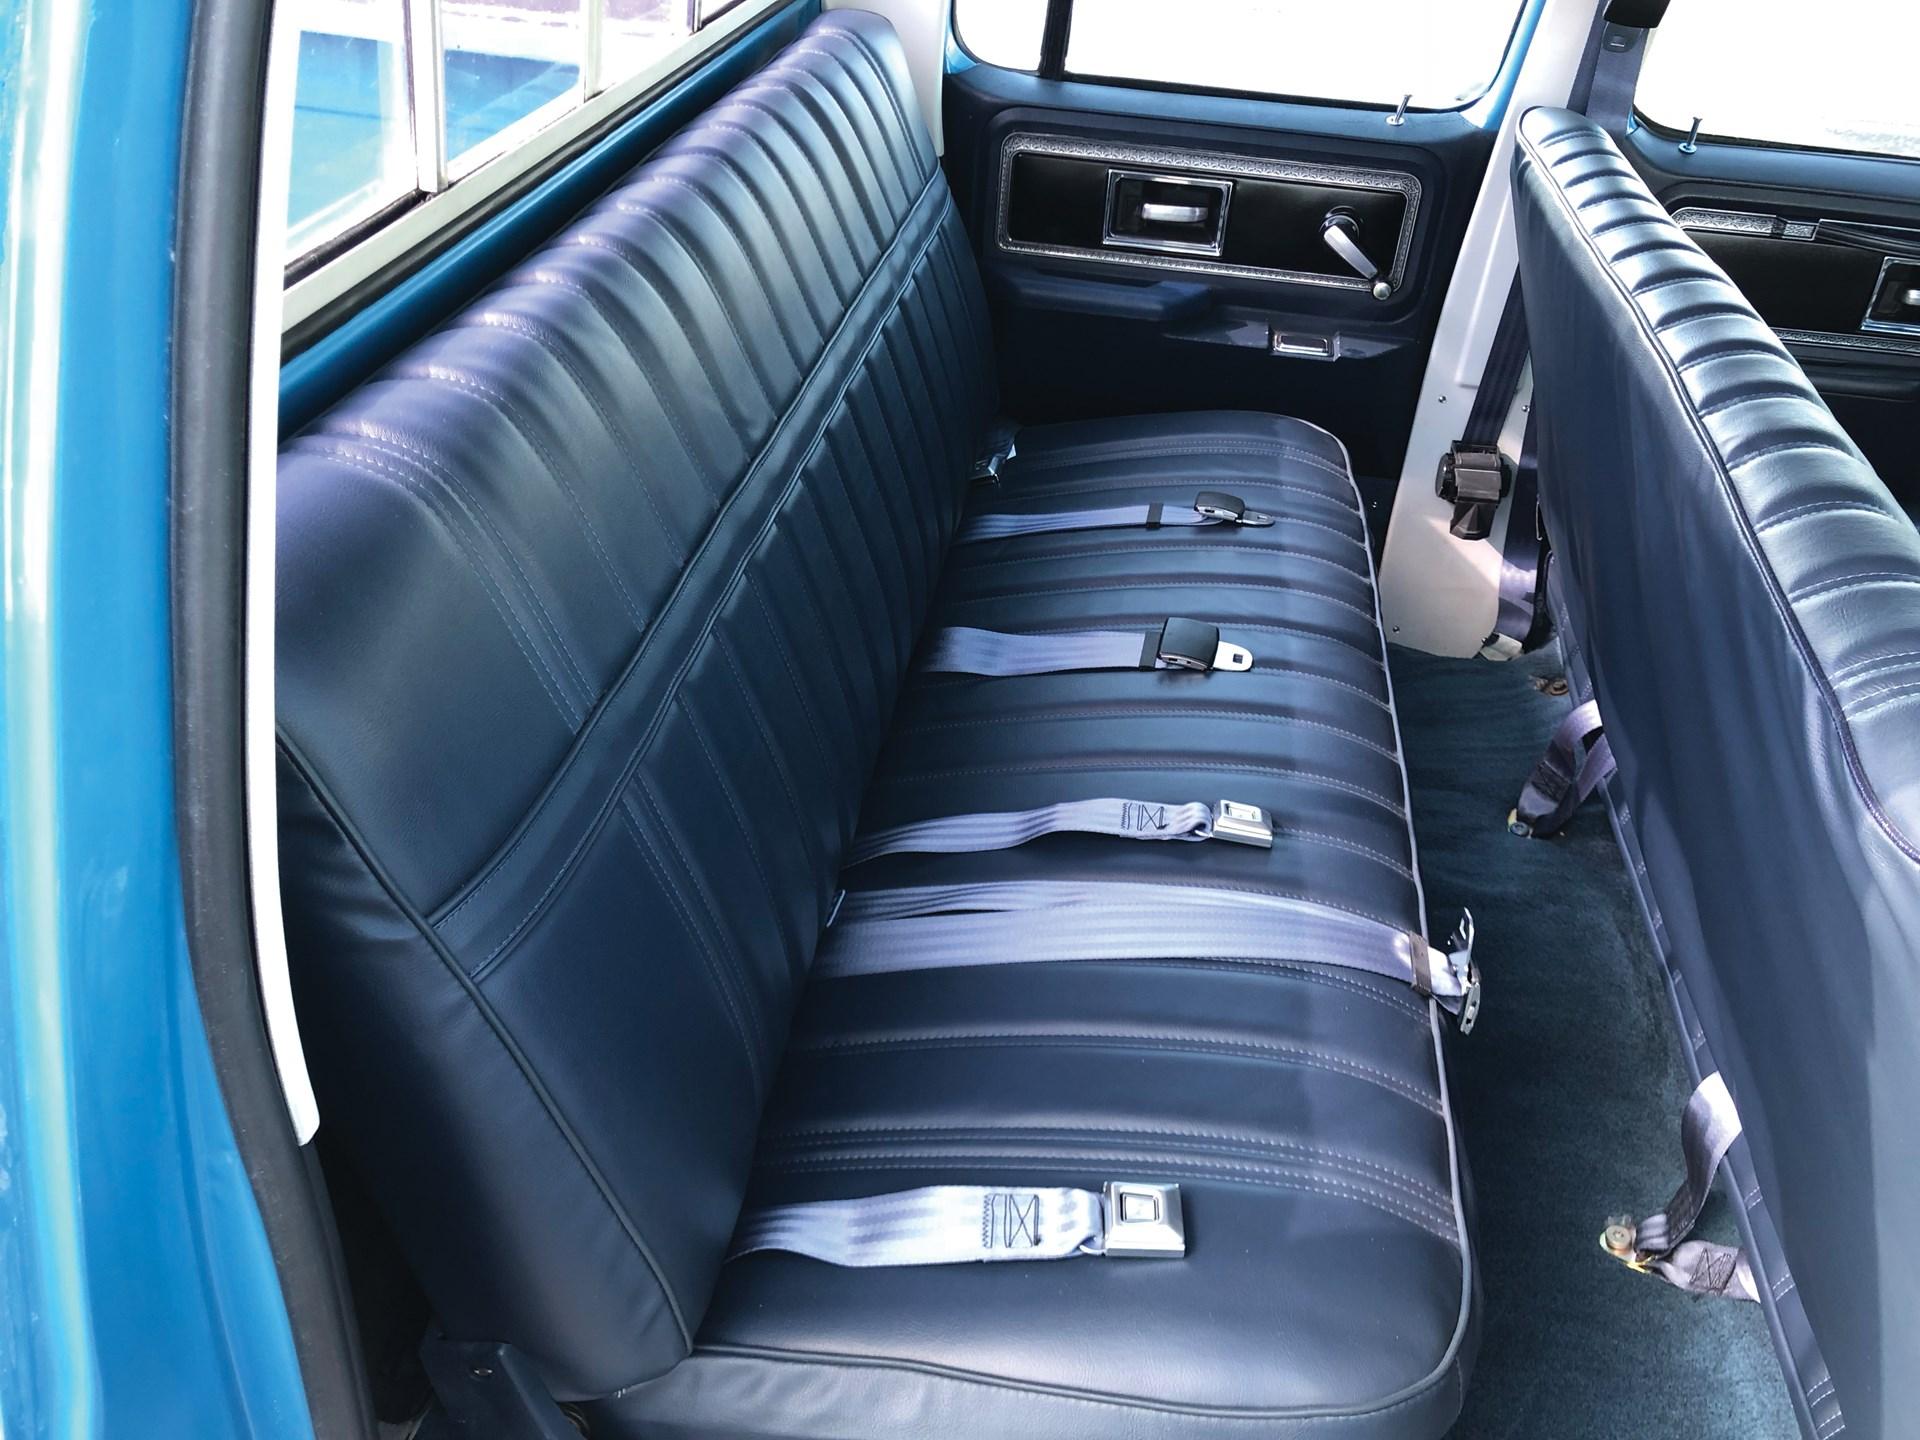 RM Sotheby's - 1977 Chevrolet C30 Silverado Camper Special 3+3